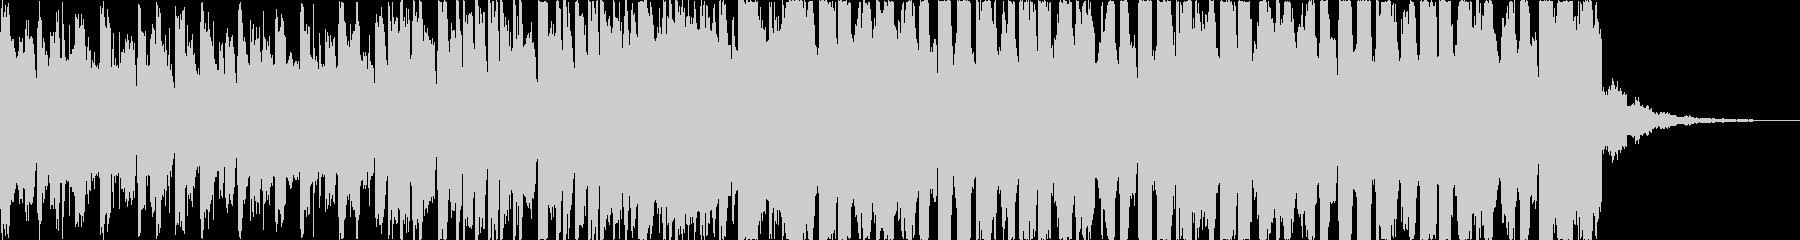 チルアウト幻想的なトロピカルハウスcの未再生の波形